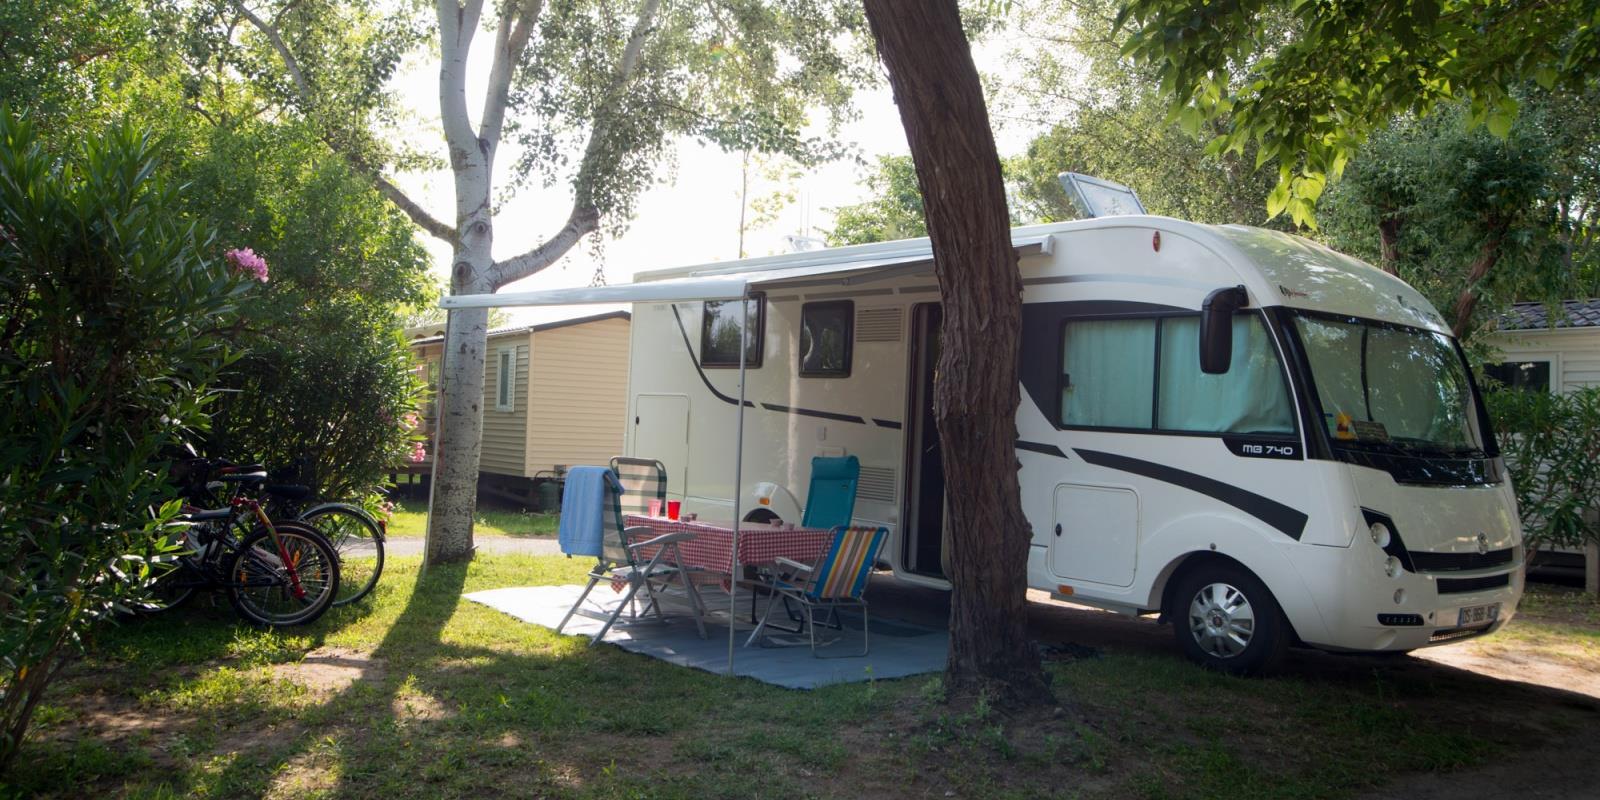 Emplacement - Emplacement Nature Pour Tente/Caravane/Camping-Car Avec Électricité 6A - Camping Abri de Camargue